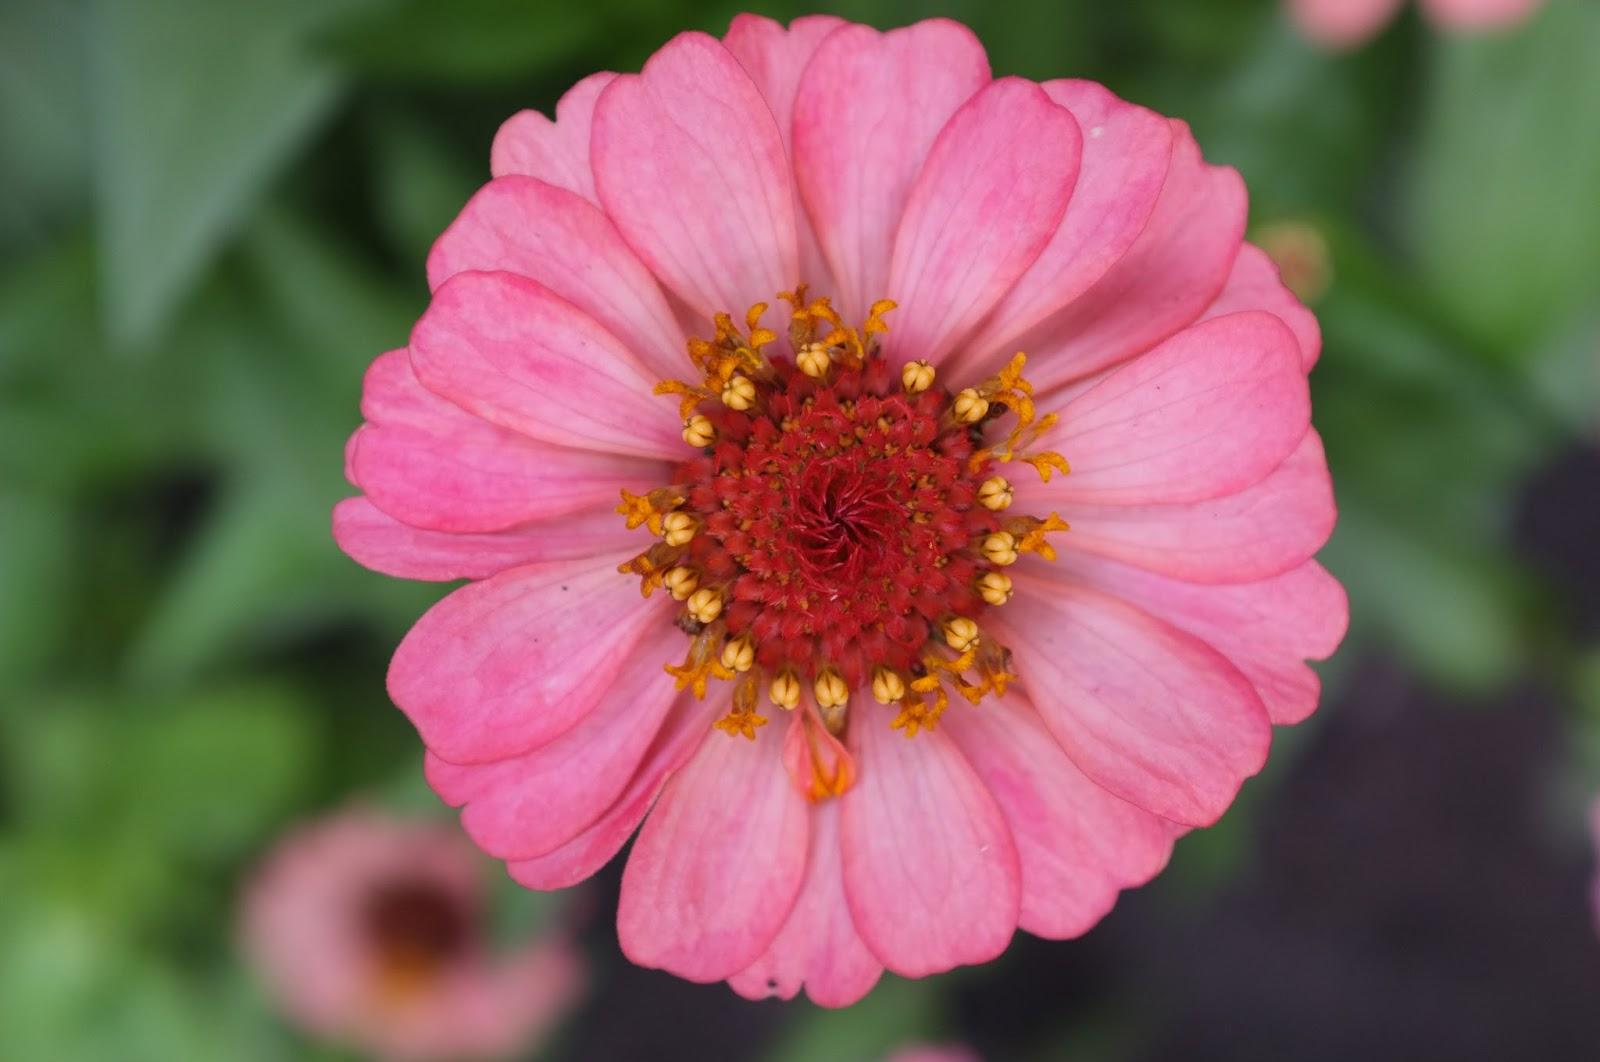 Цветок глоксиния все фото